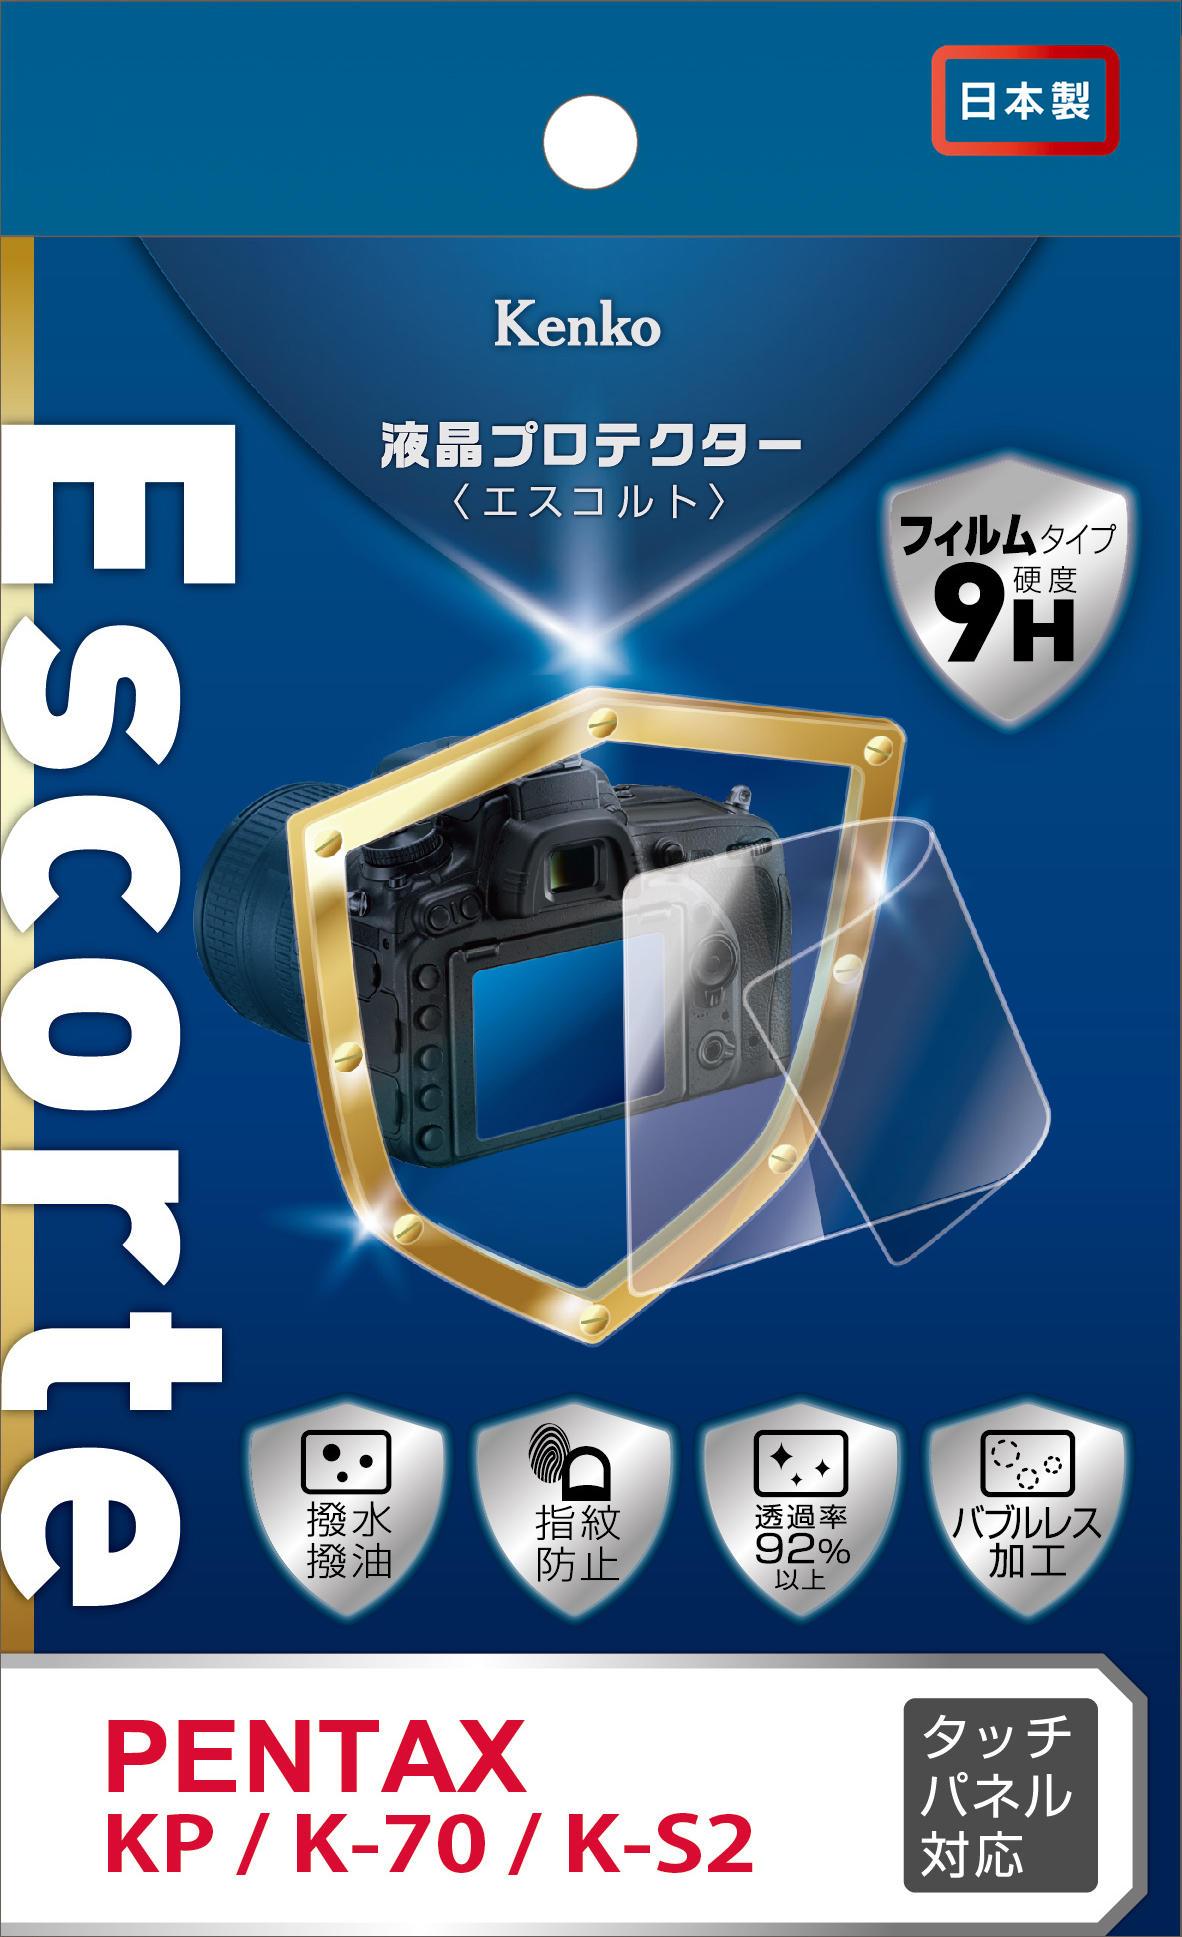 http://www.kenko-tokina.co.jp/imaging/eq/mt-images/4961607691700.jpg